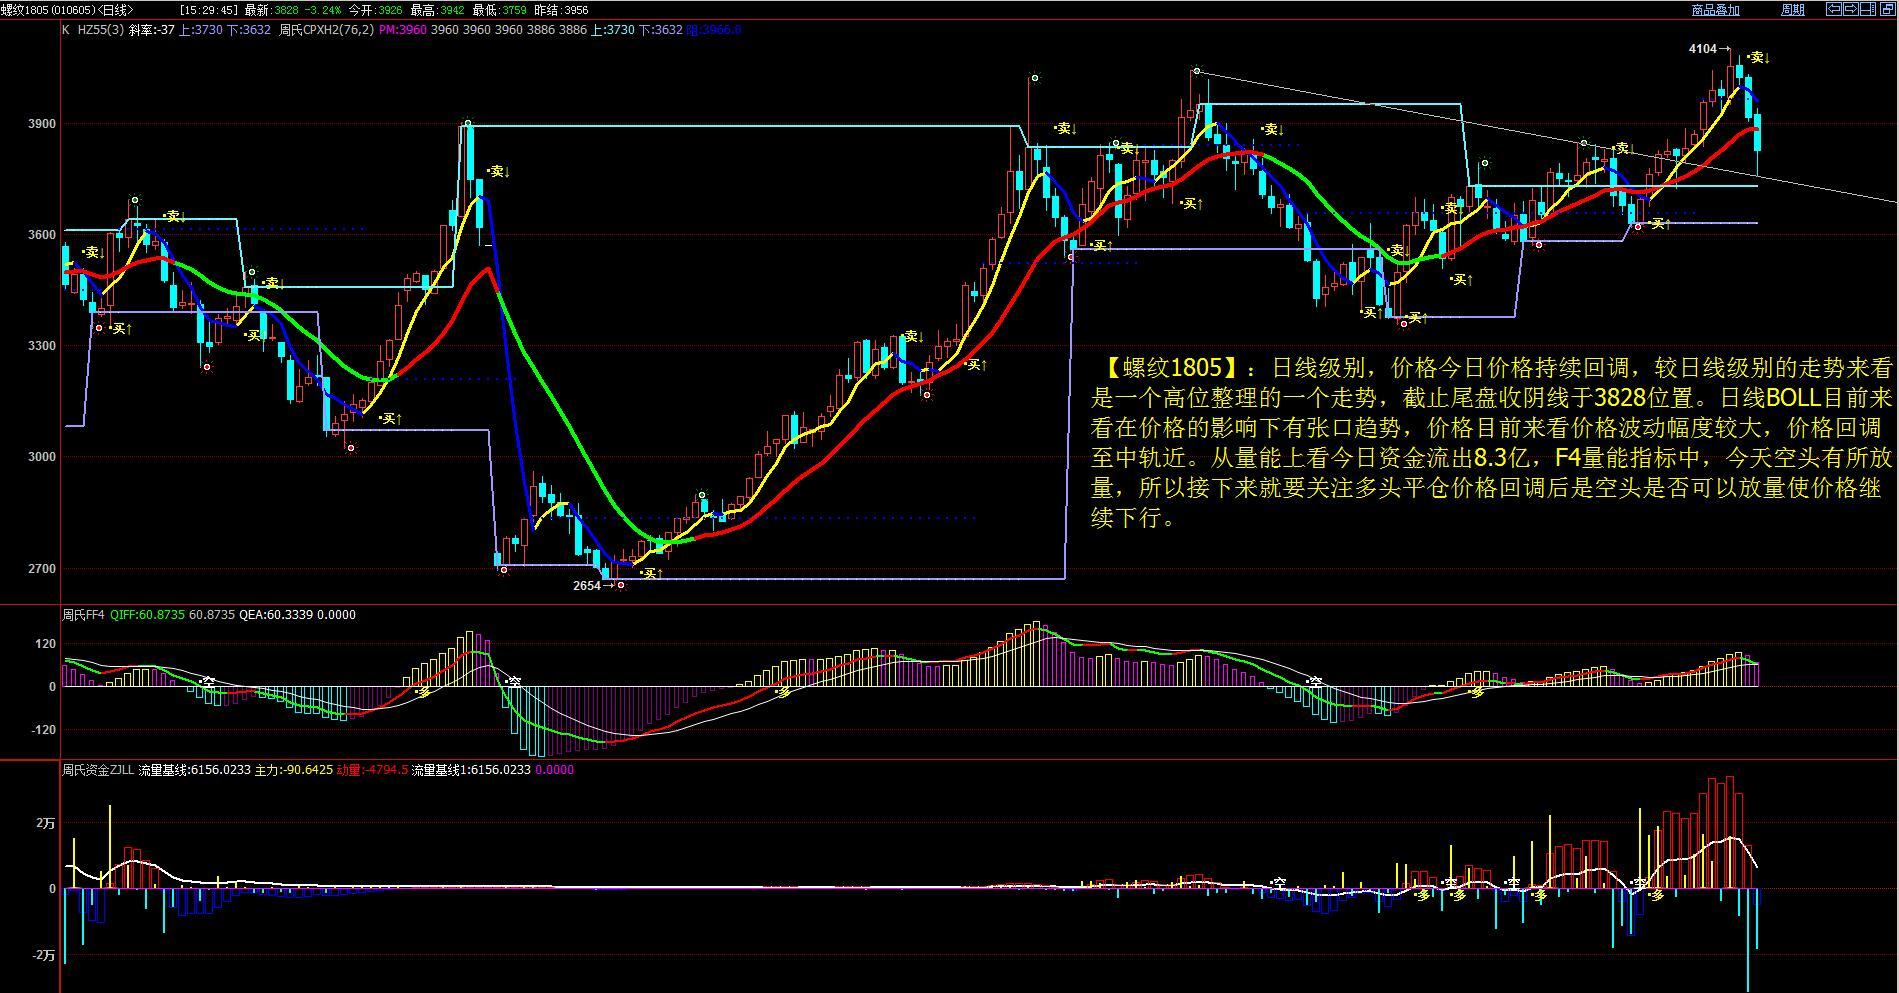 12月8日最新商品期货行情走势分析图